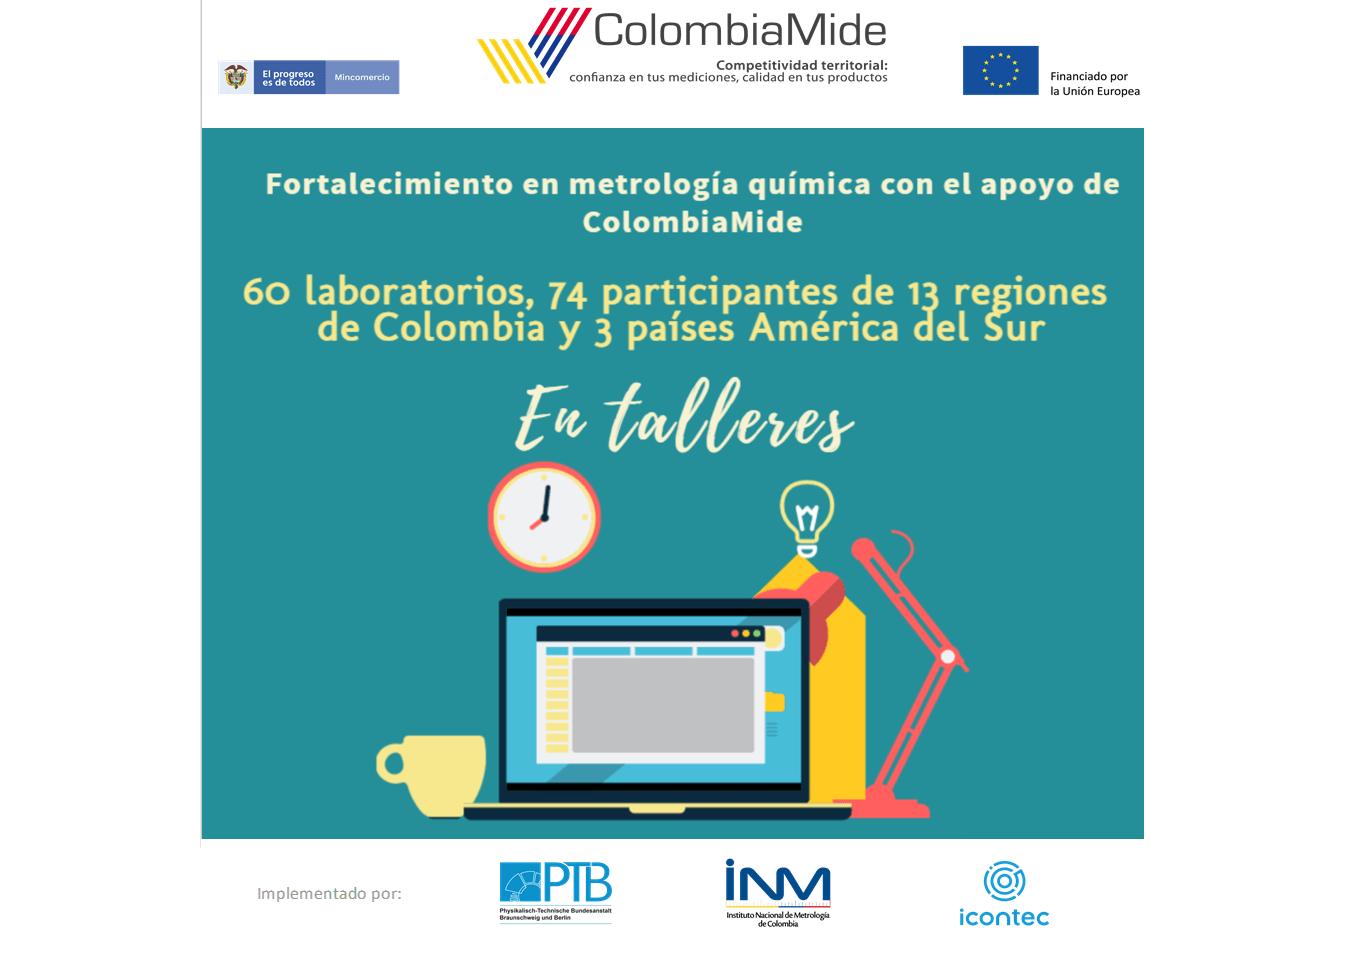 Fortalecimiento en metrología química con el apoyo de ColombiaMide